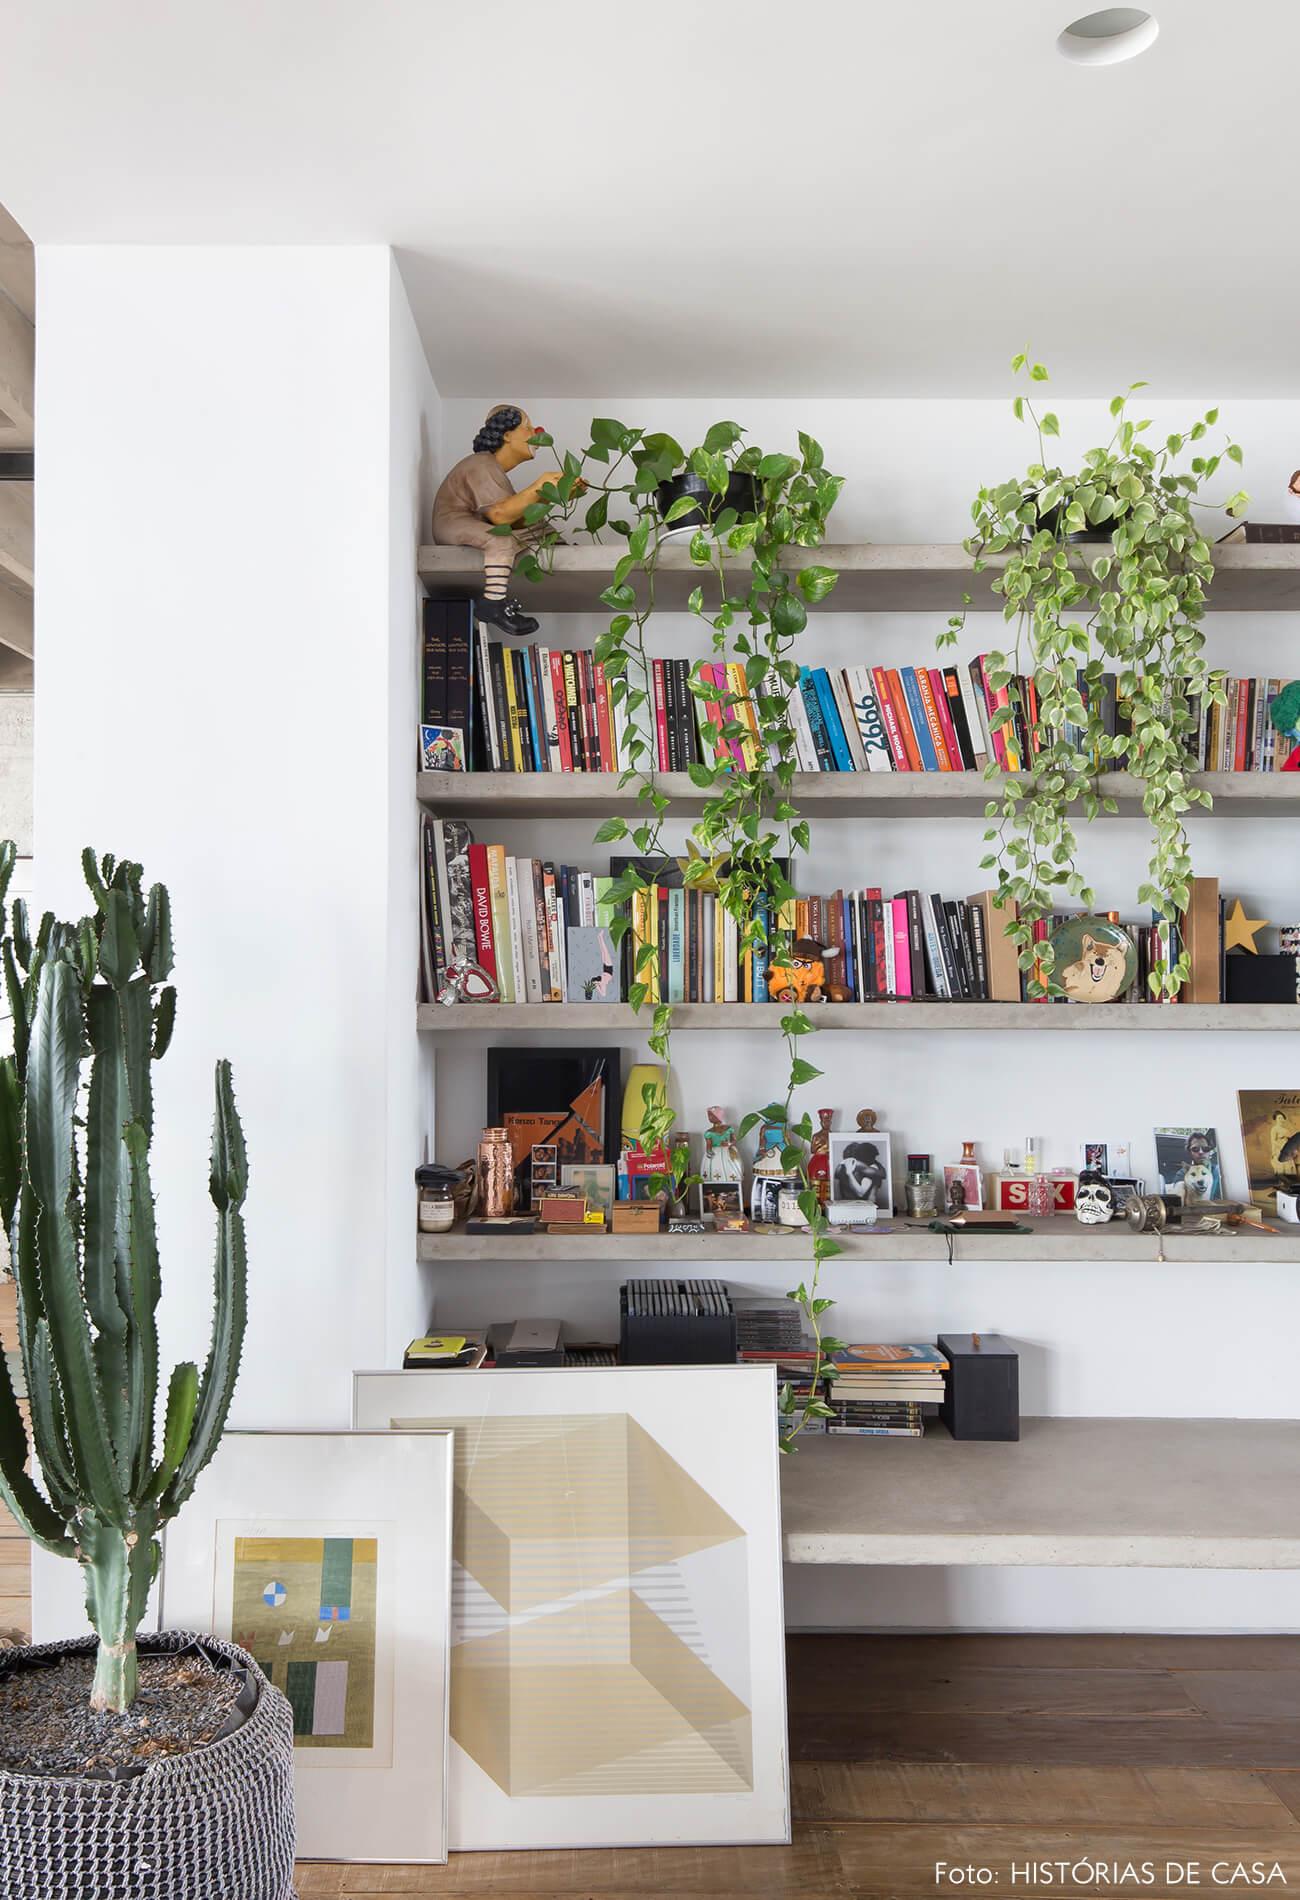 Ap decoração copan estante concreto e parede branca quadros livros e plantas